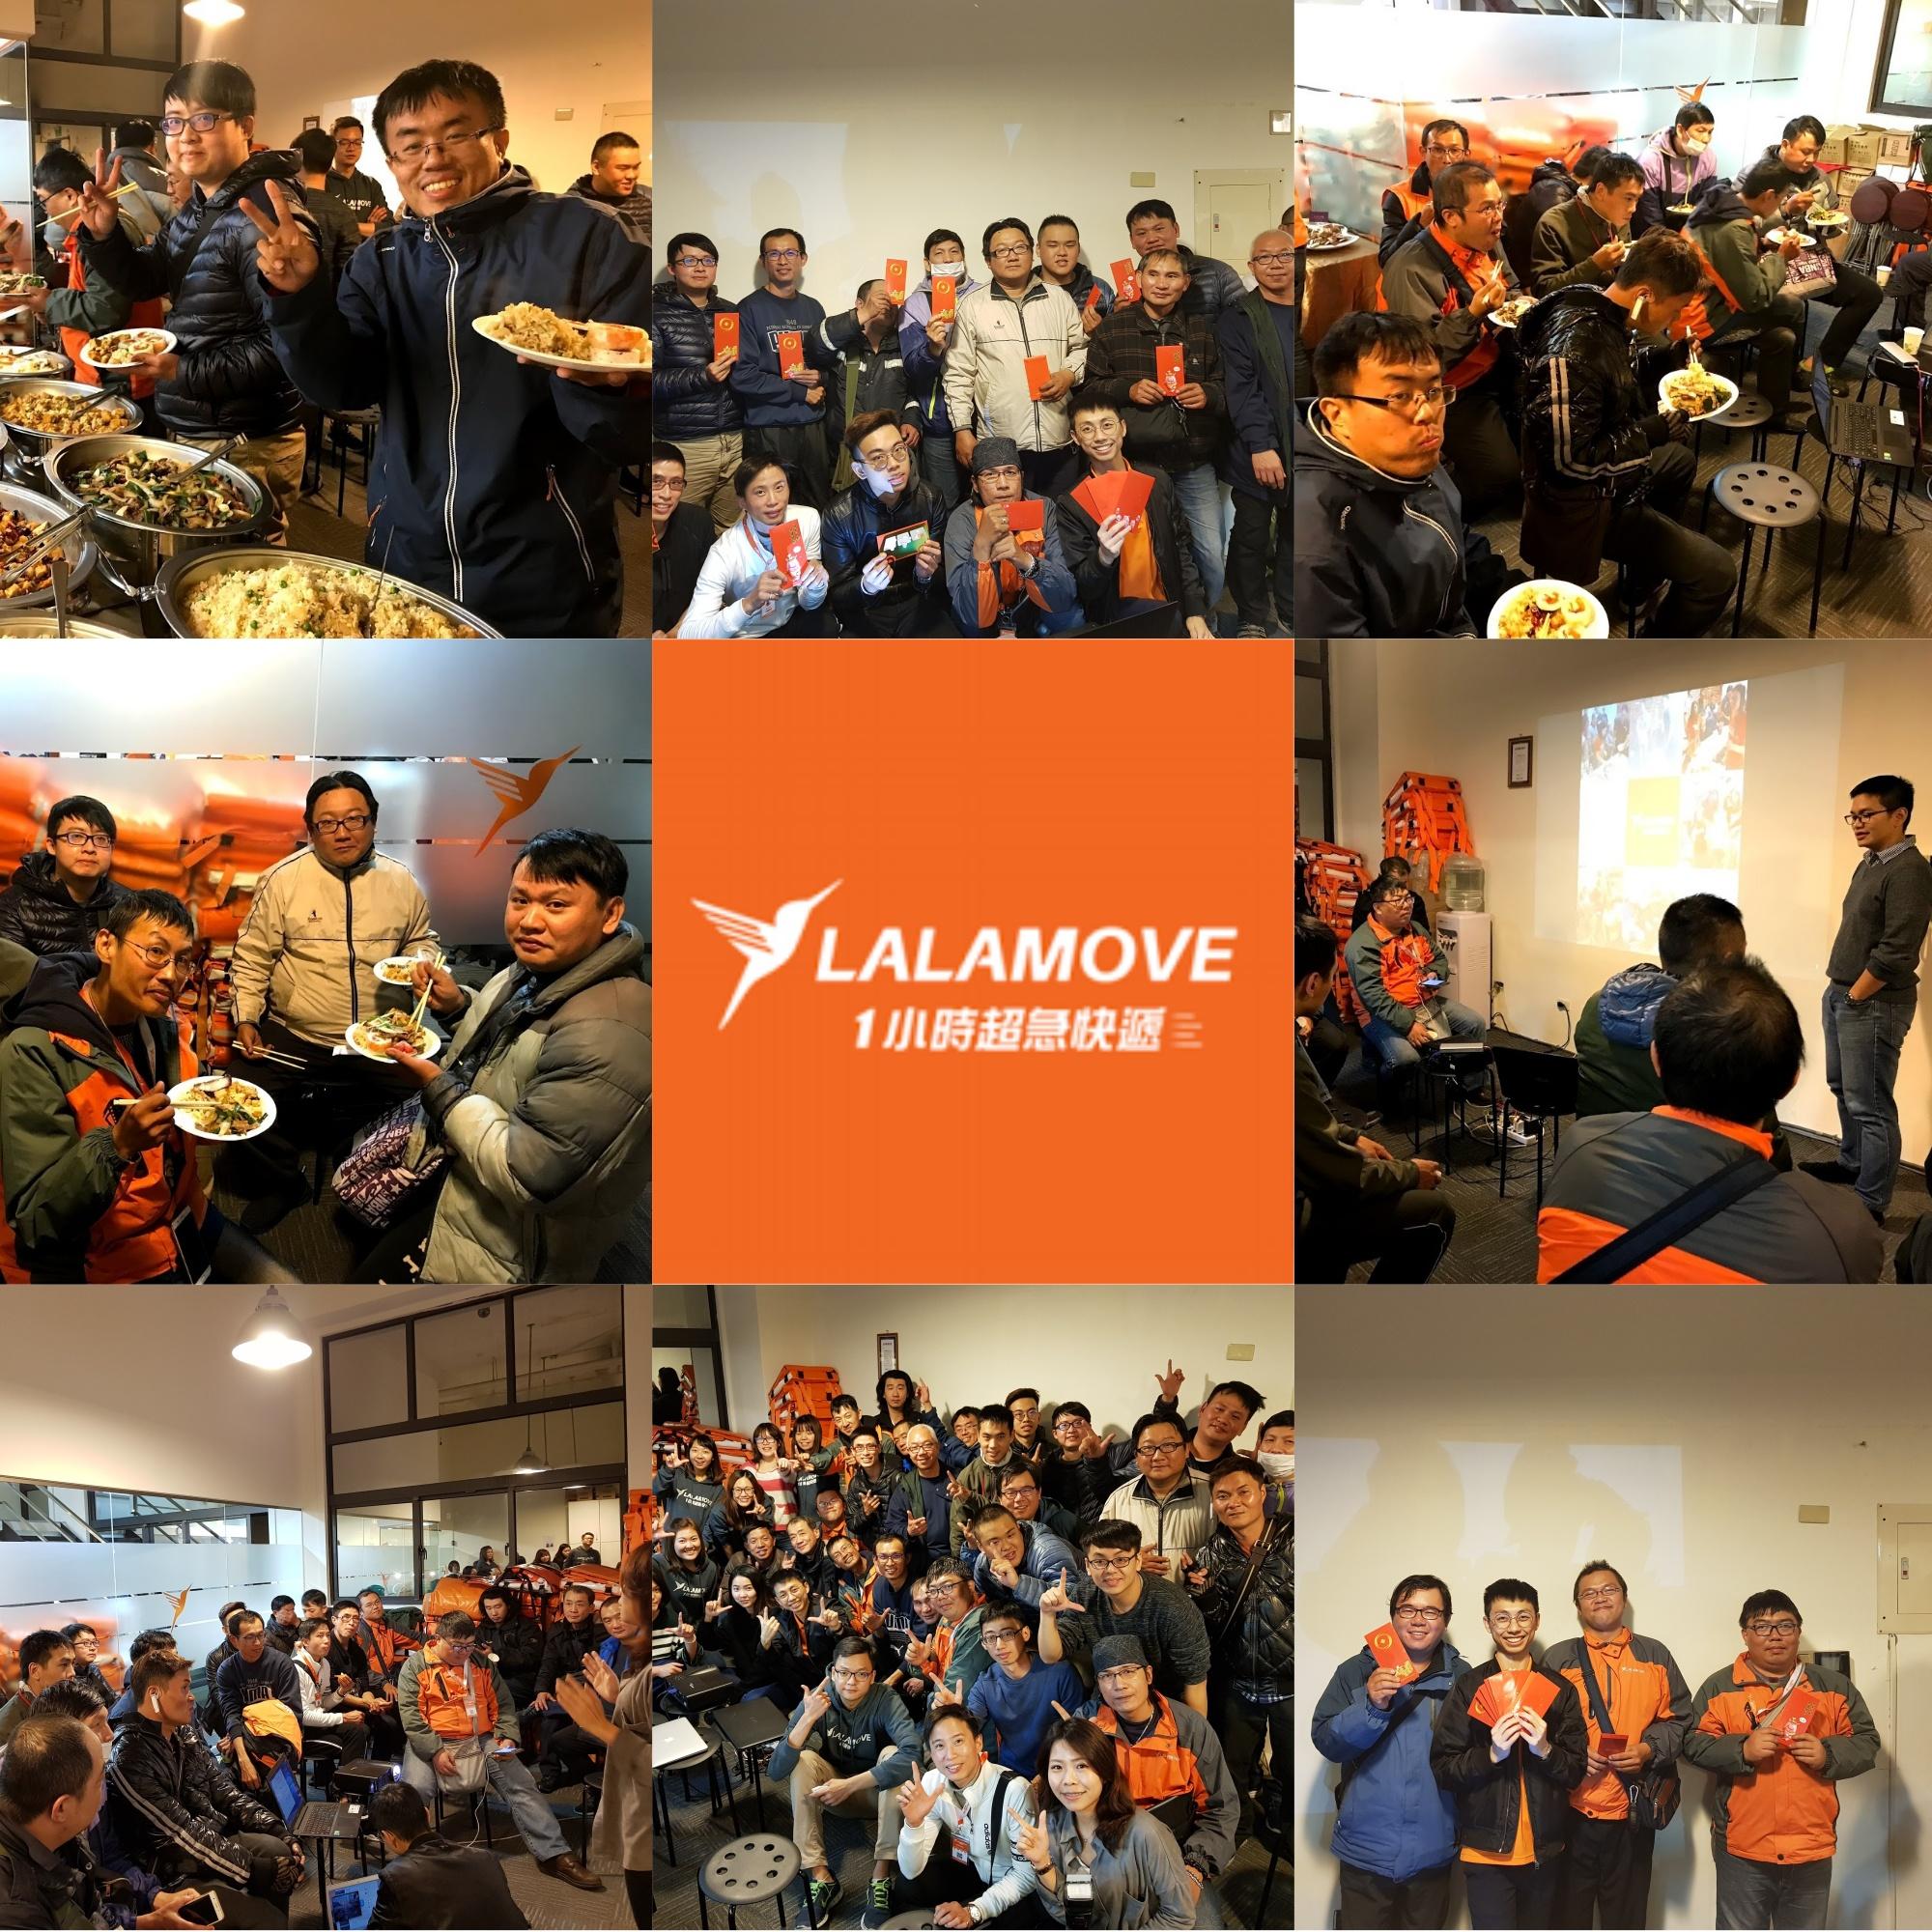 【夥伴晉升】Lalamove菁英夥伴計畫 - 201906